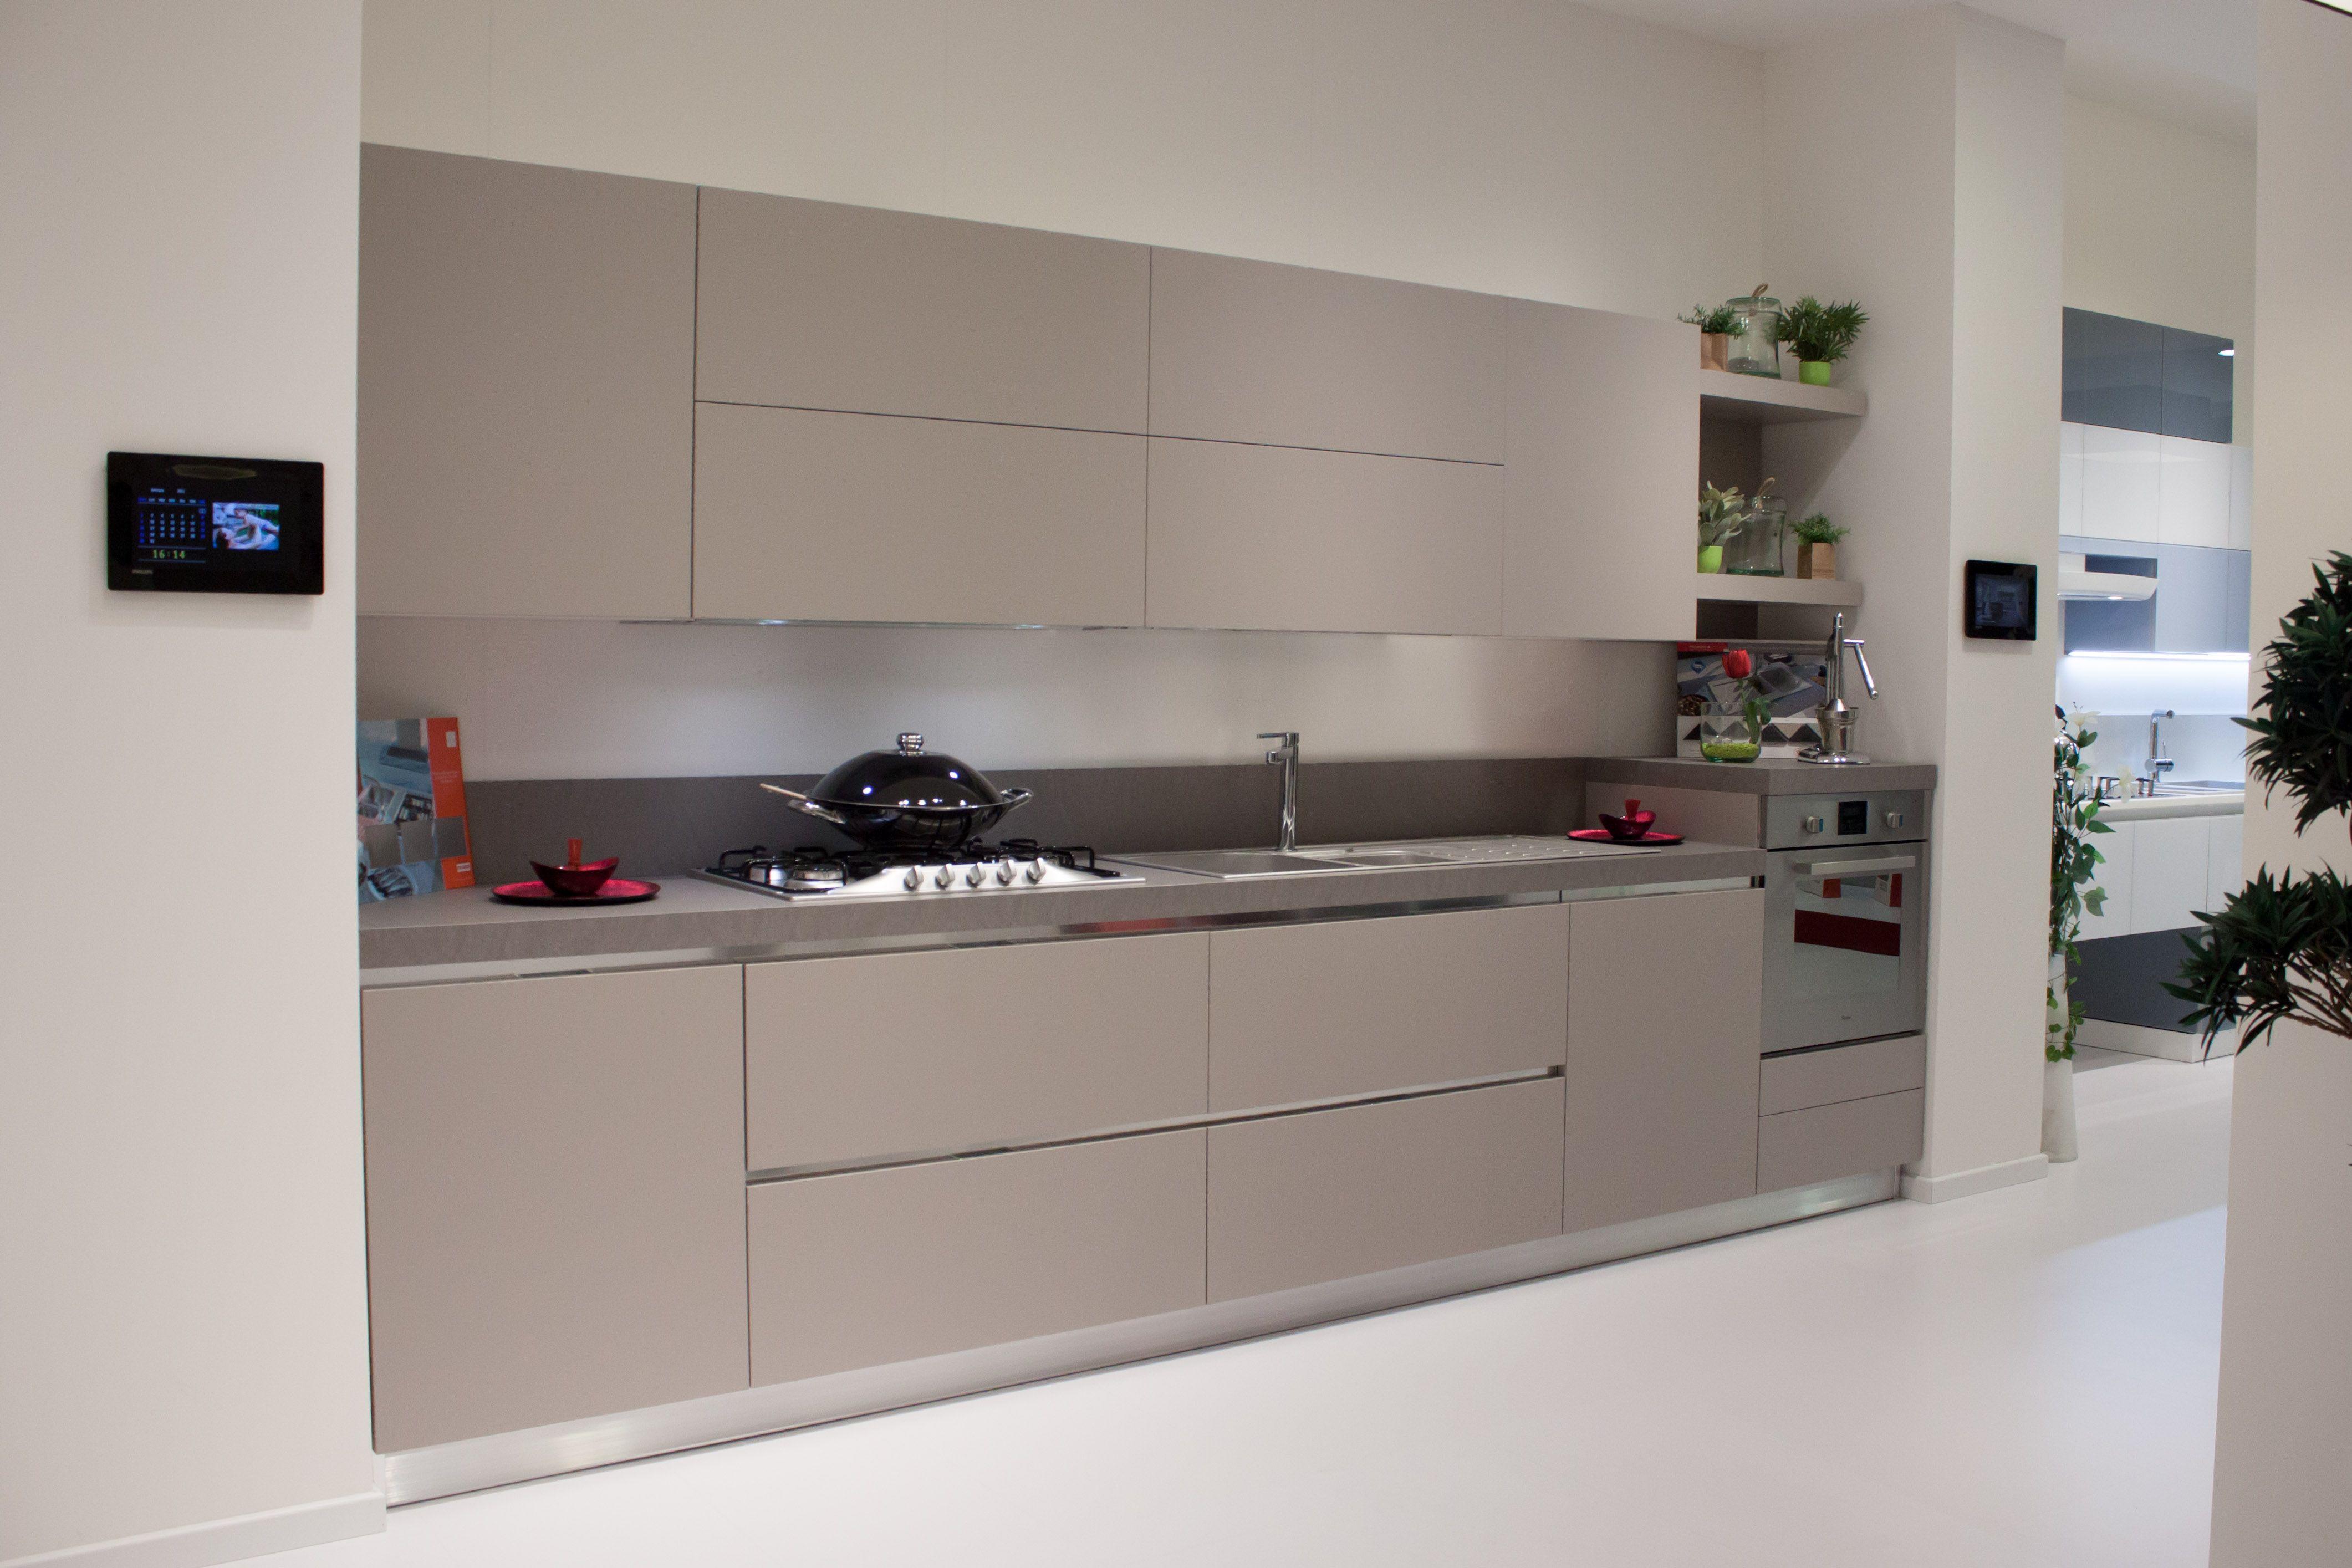 Cucine moderne Scavolini in esponisizione nello Store di